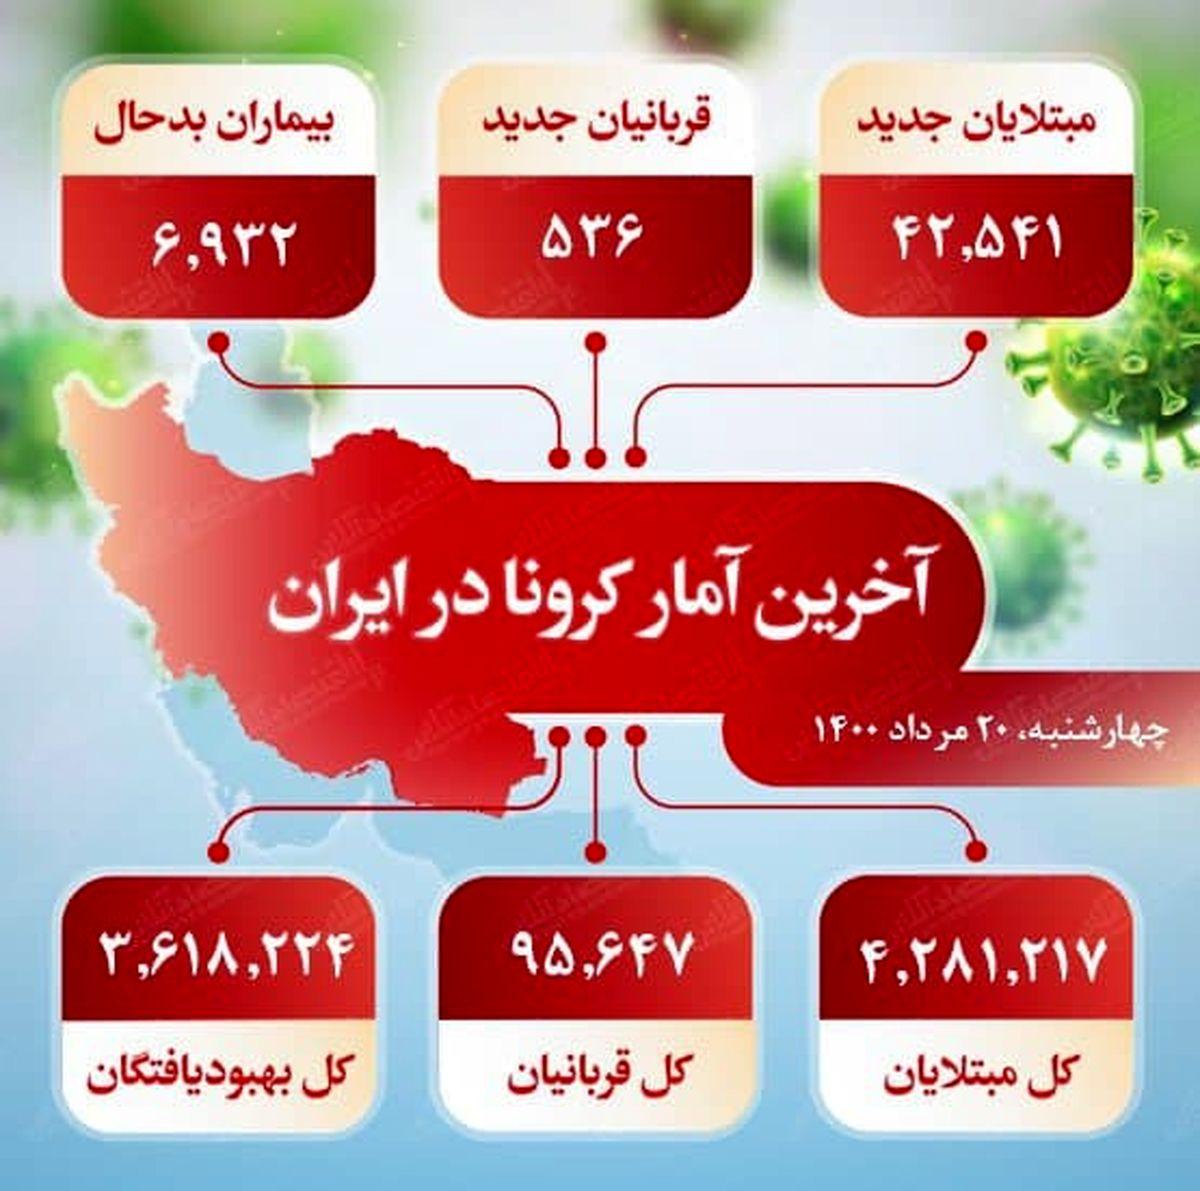 آخرین آمار کرونا در ایران (۱۴۰۰/۵/۲۰)